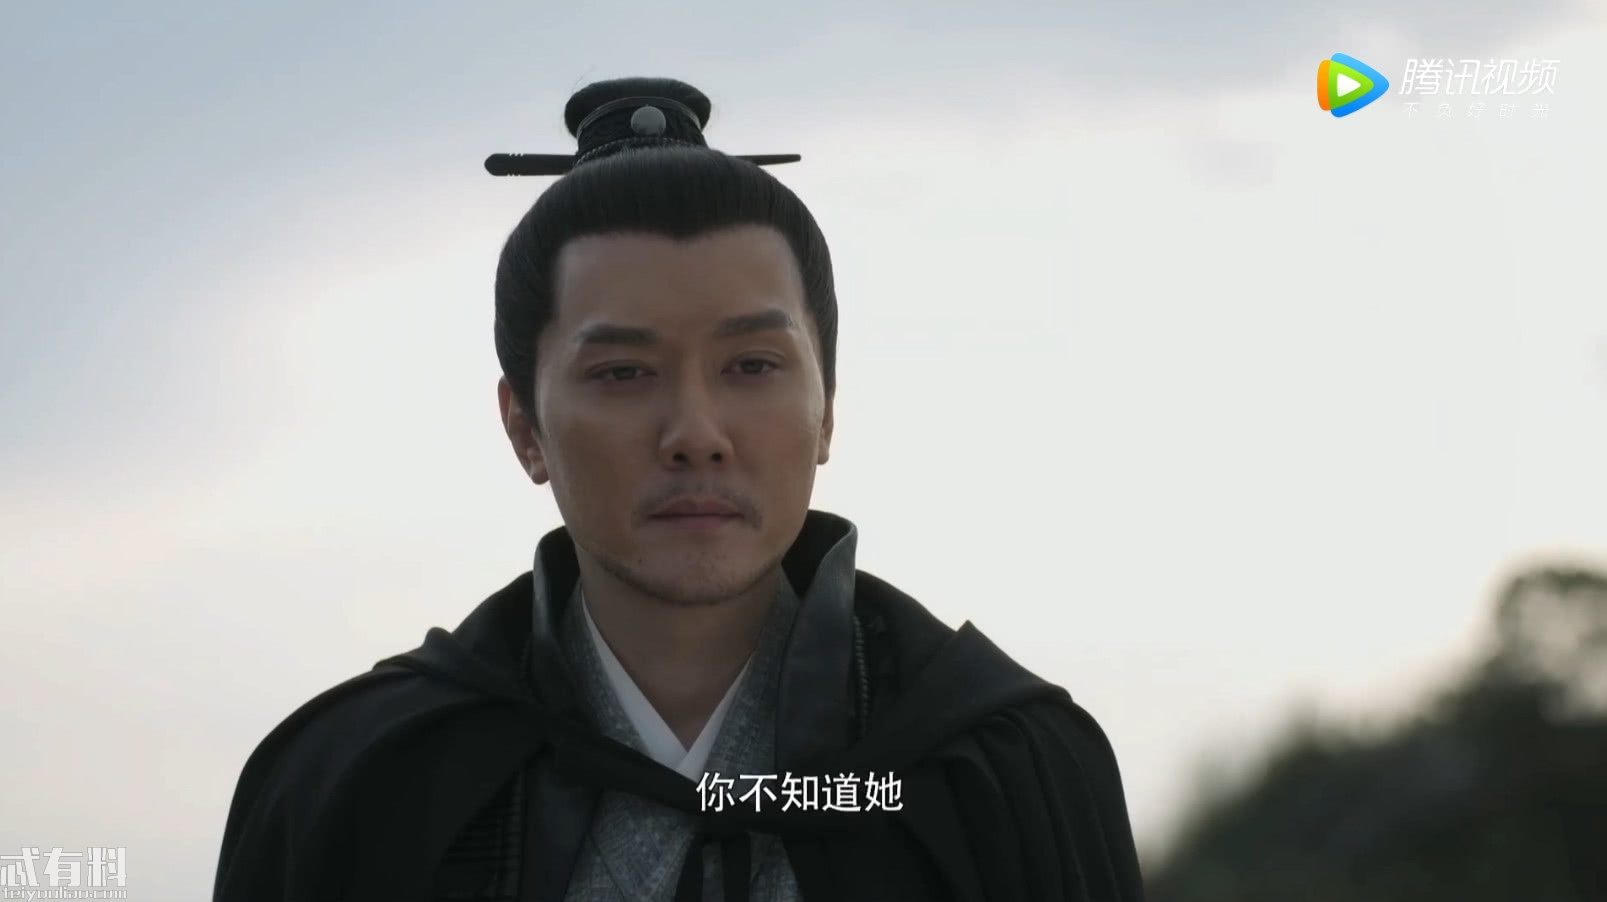 知否劉貴妃結局非常凄慘 顧廷燁和桓王聯手剿滅了劉貴妃發起的叛亂